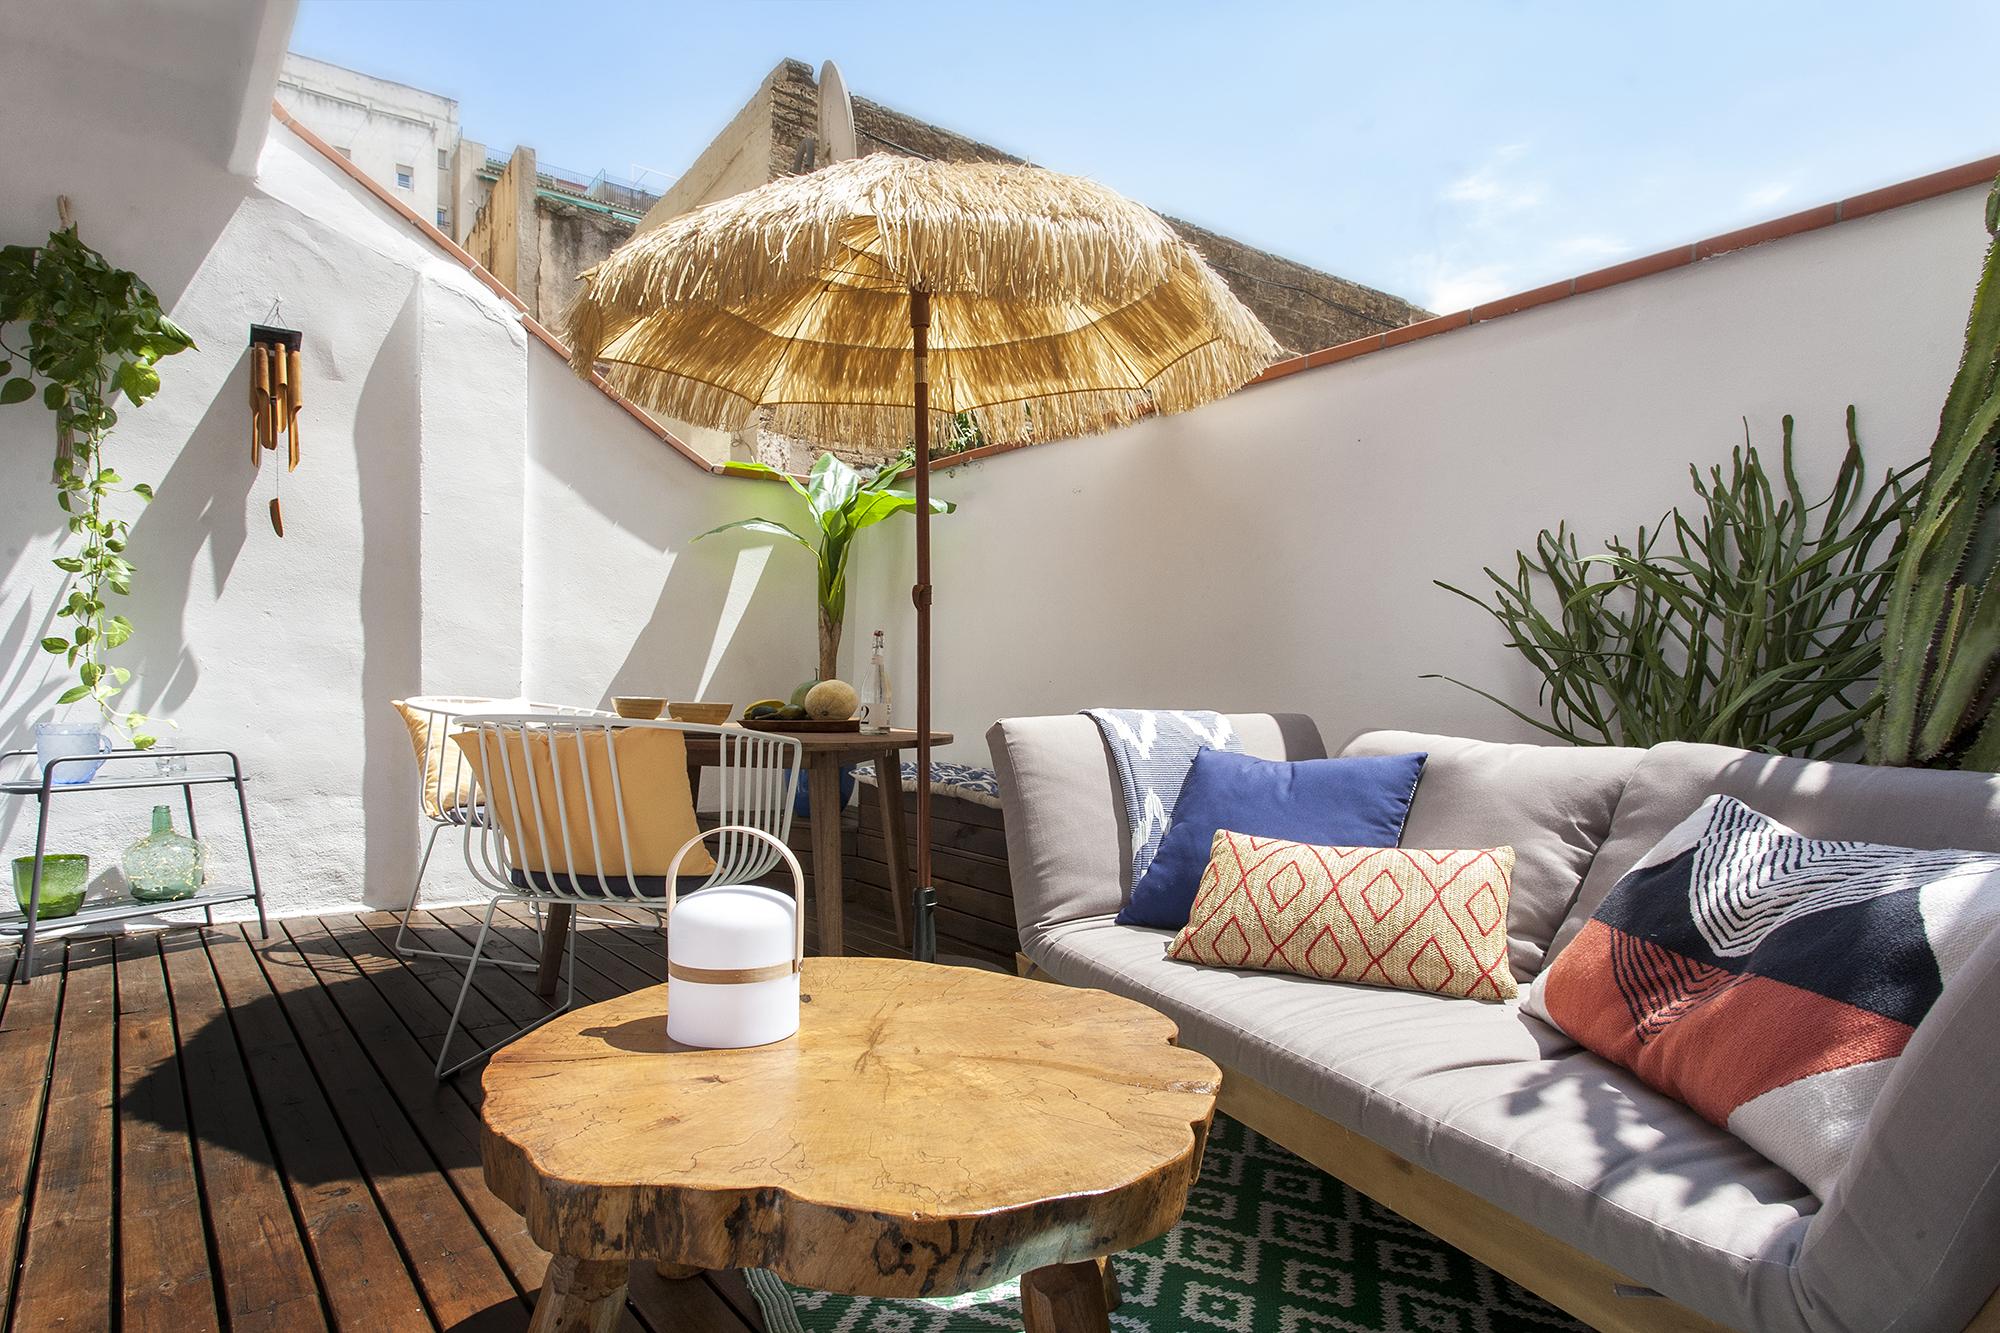 homecelona_sagrada-terrace-nouveau_34.jpg